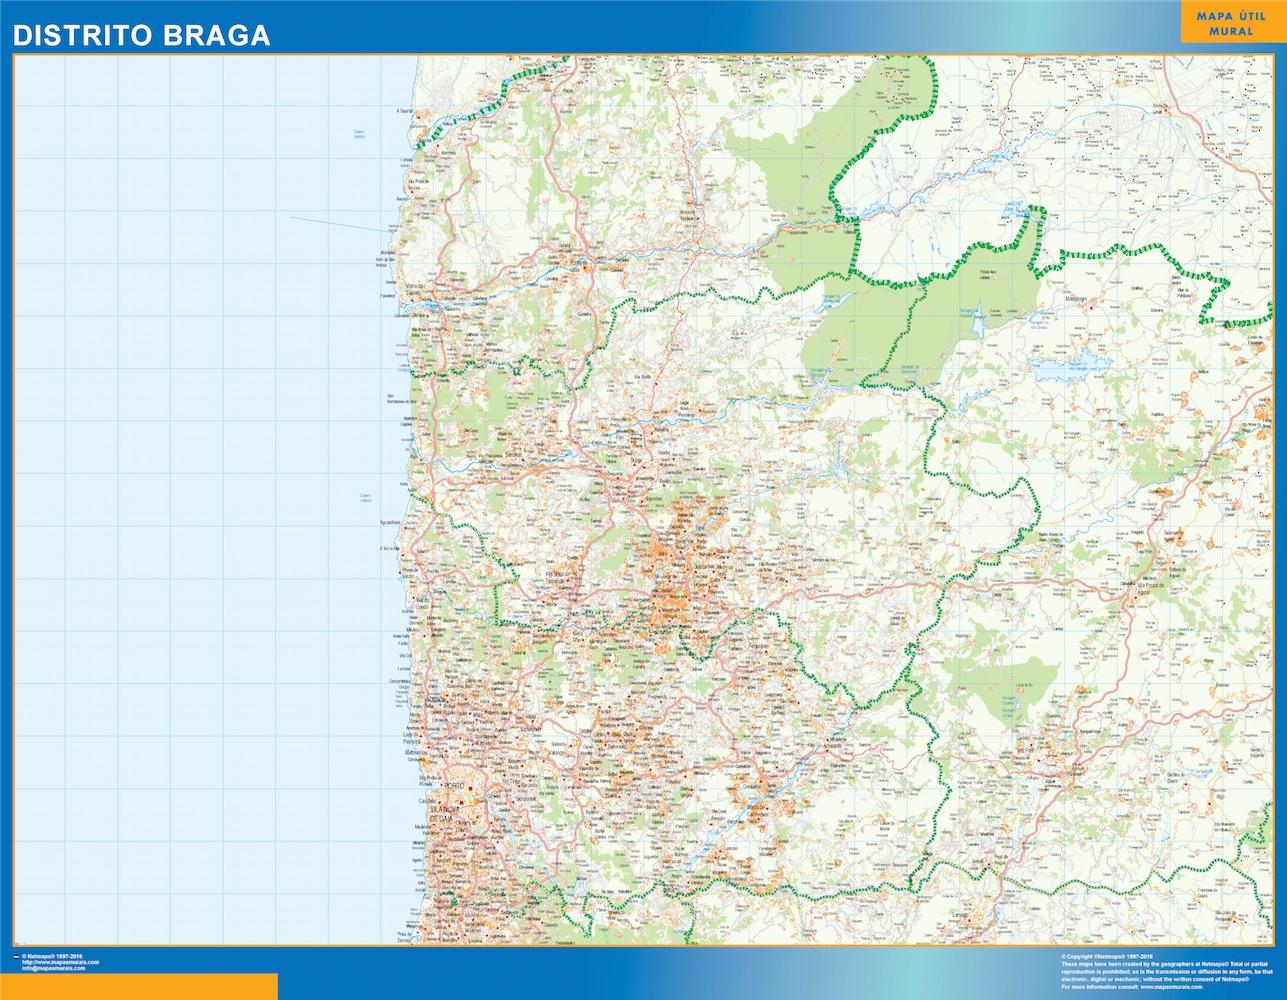 Mapa Distrito Braga